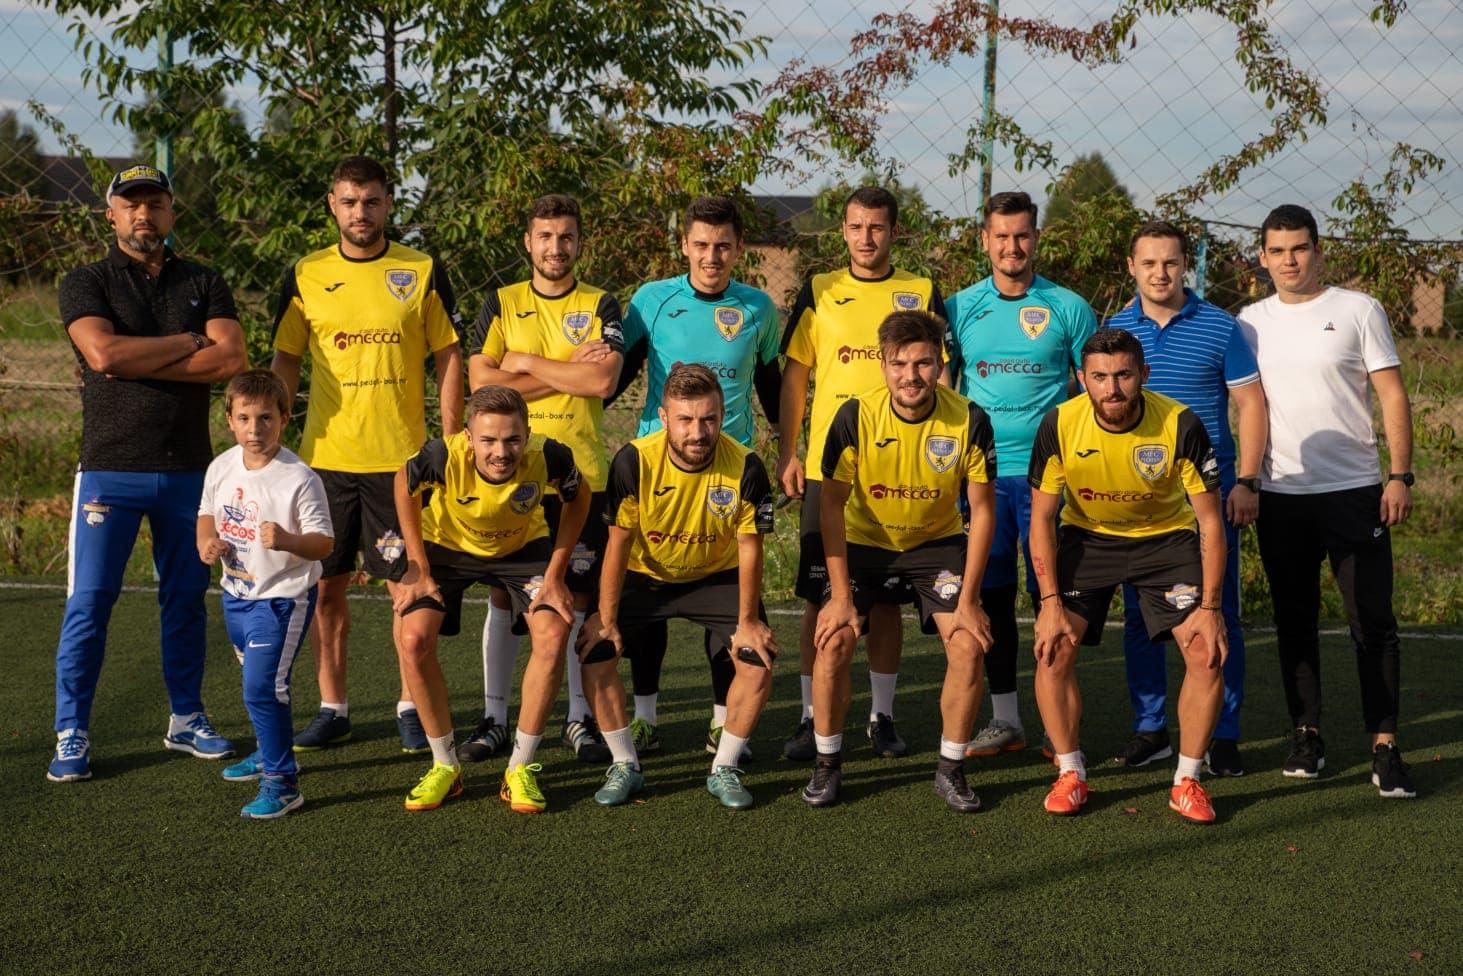 Academia de Minifotbal Strejnic, o adevărată oază pentru protagoniștii meciului dintre MFC Ploiești și campioana mondială a fotbaliștilor-artiști